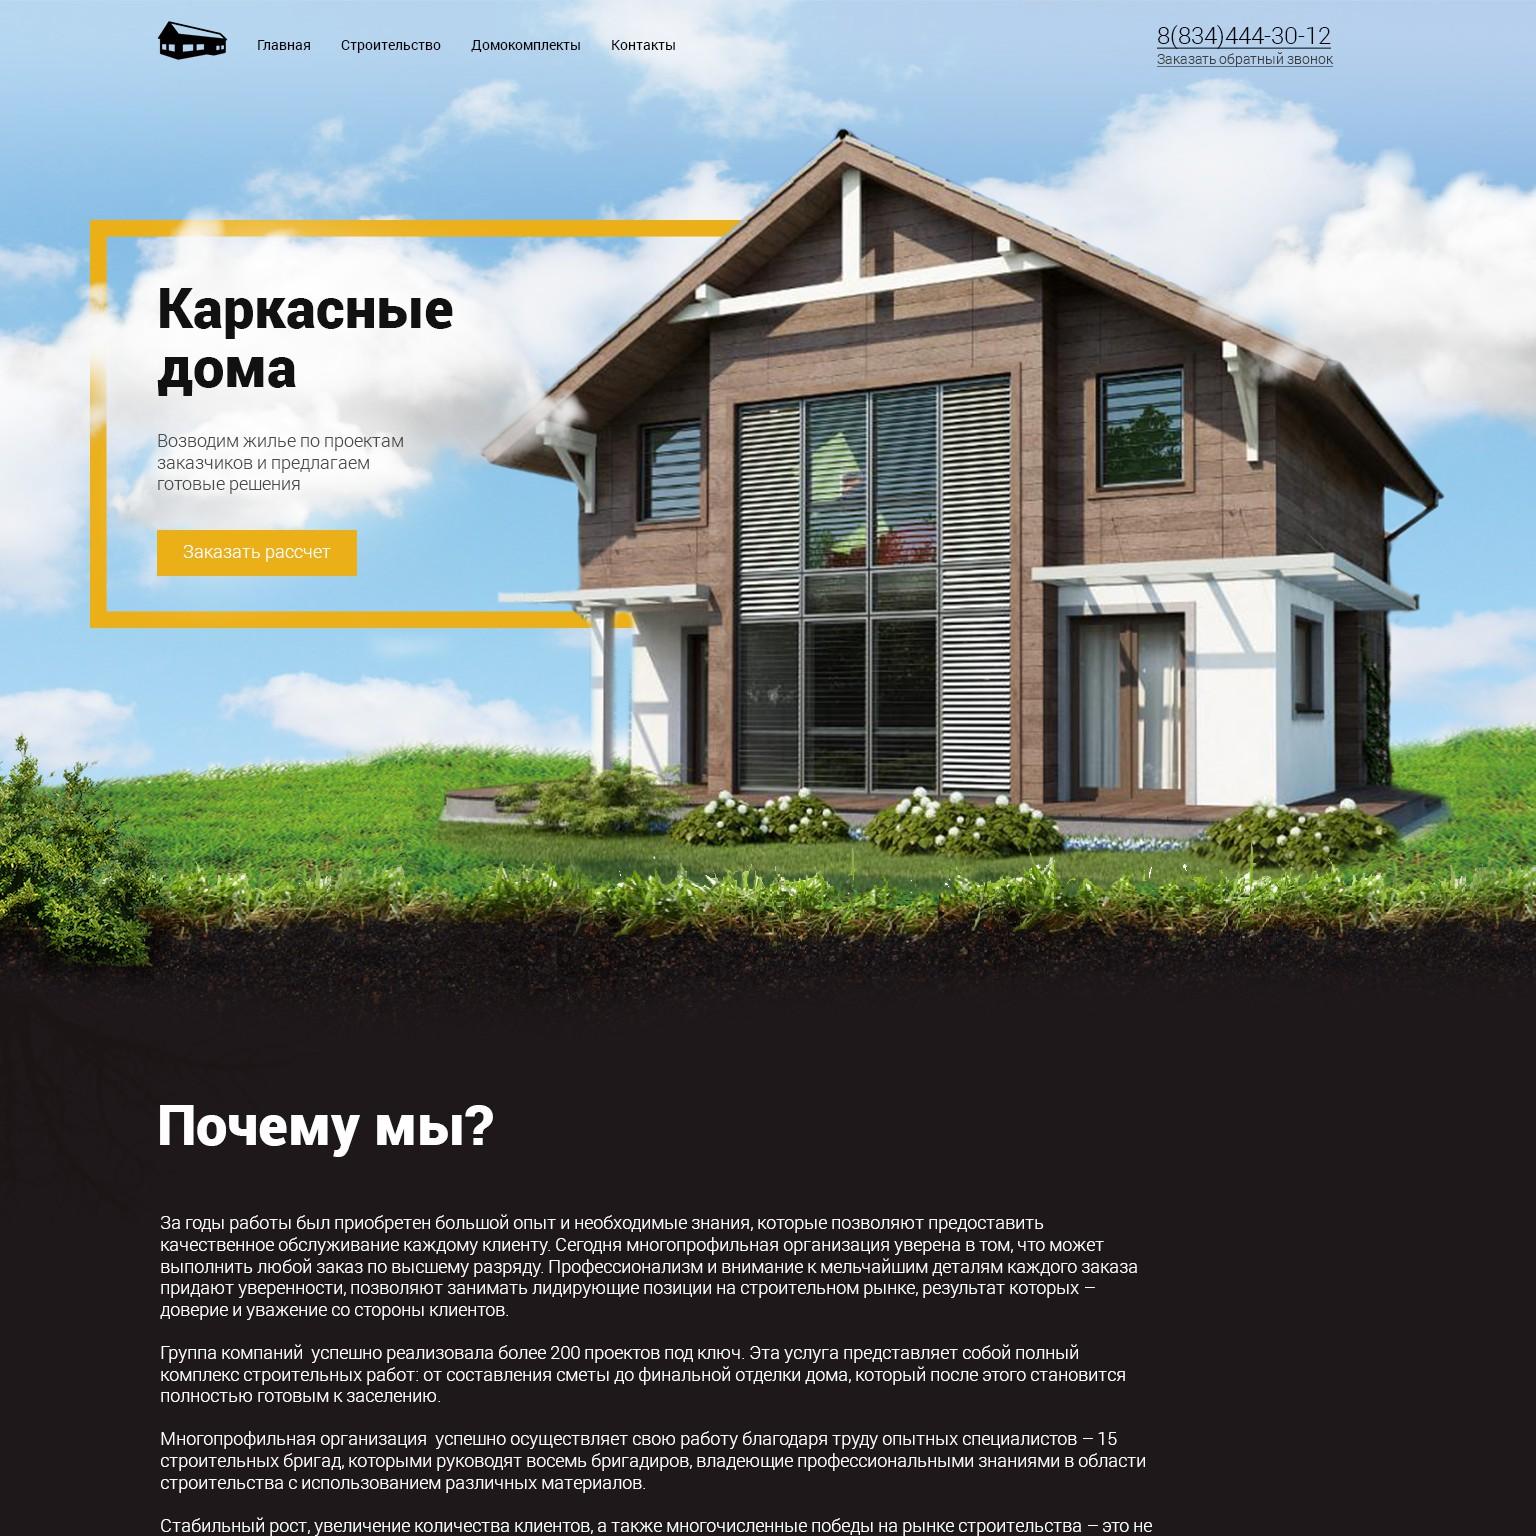 Фриланс проектирование дома скачать трейнер к freelancer